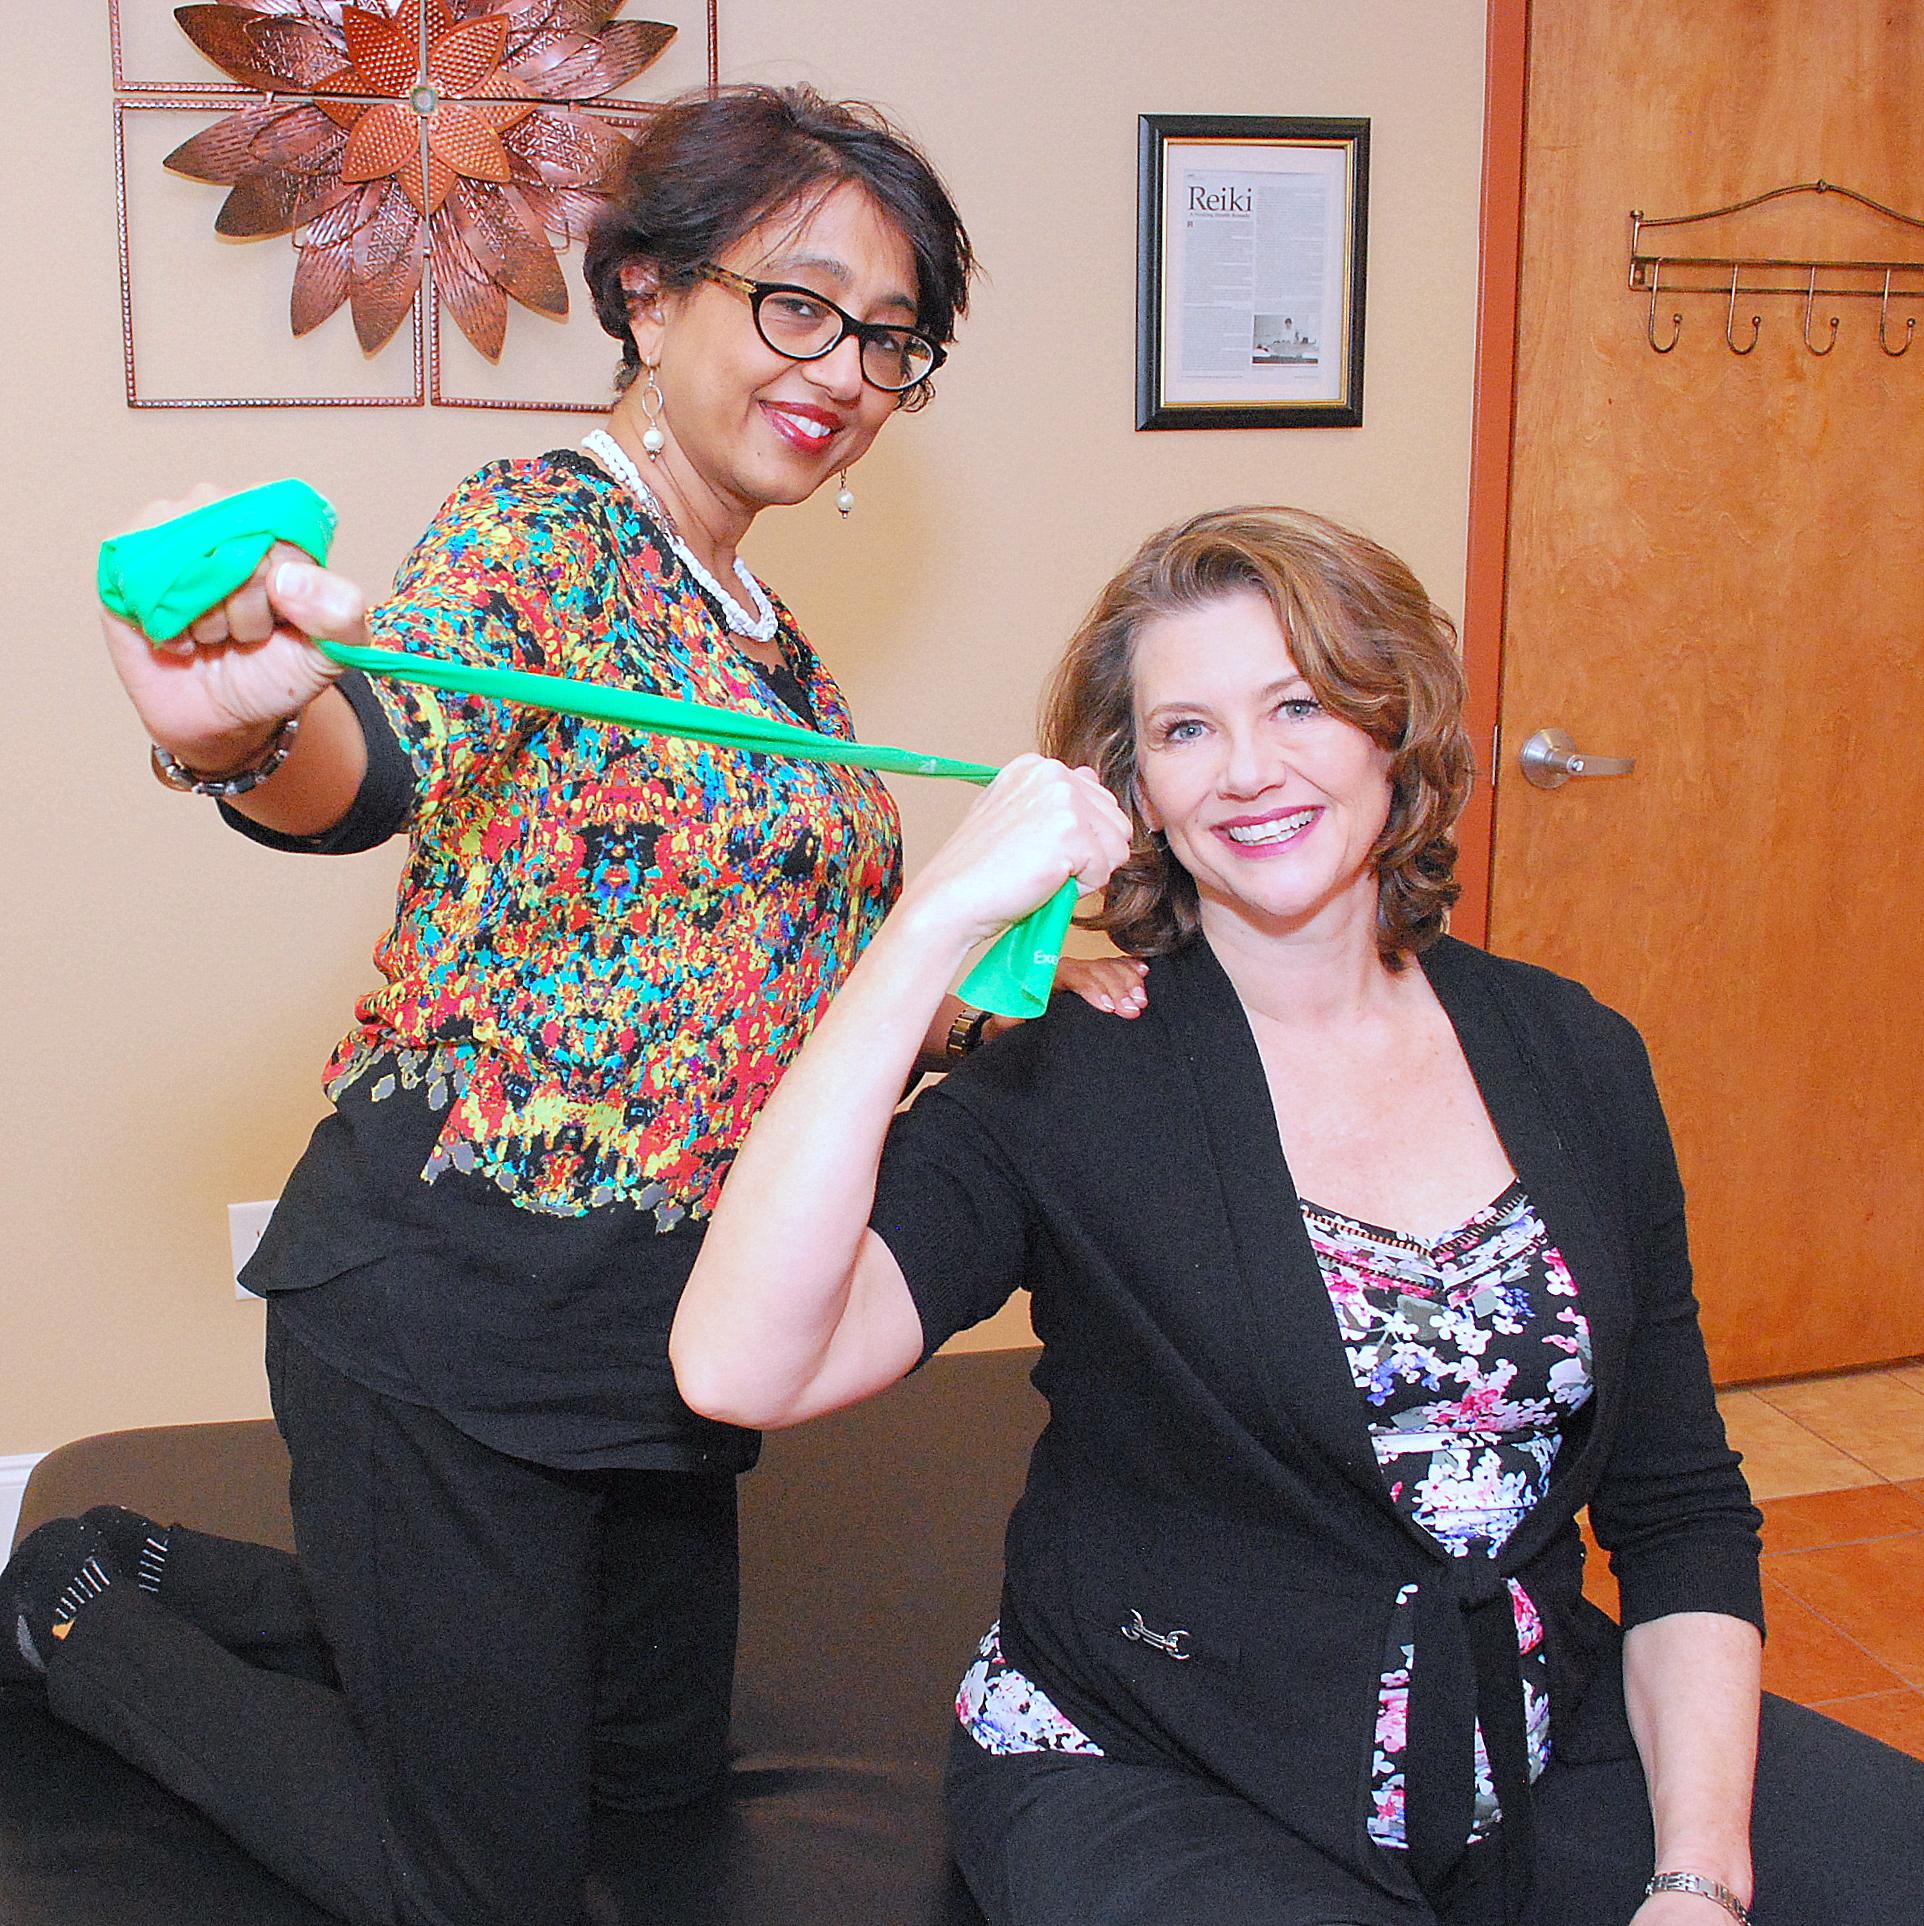 Singer Kelly Hogan & Hima Dalal